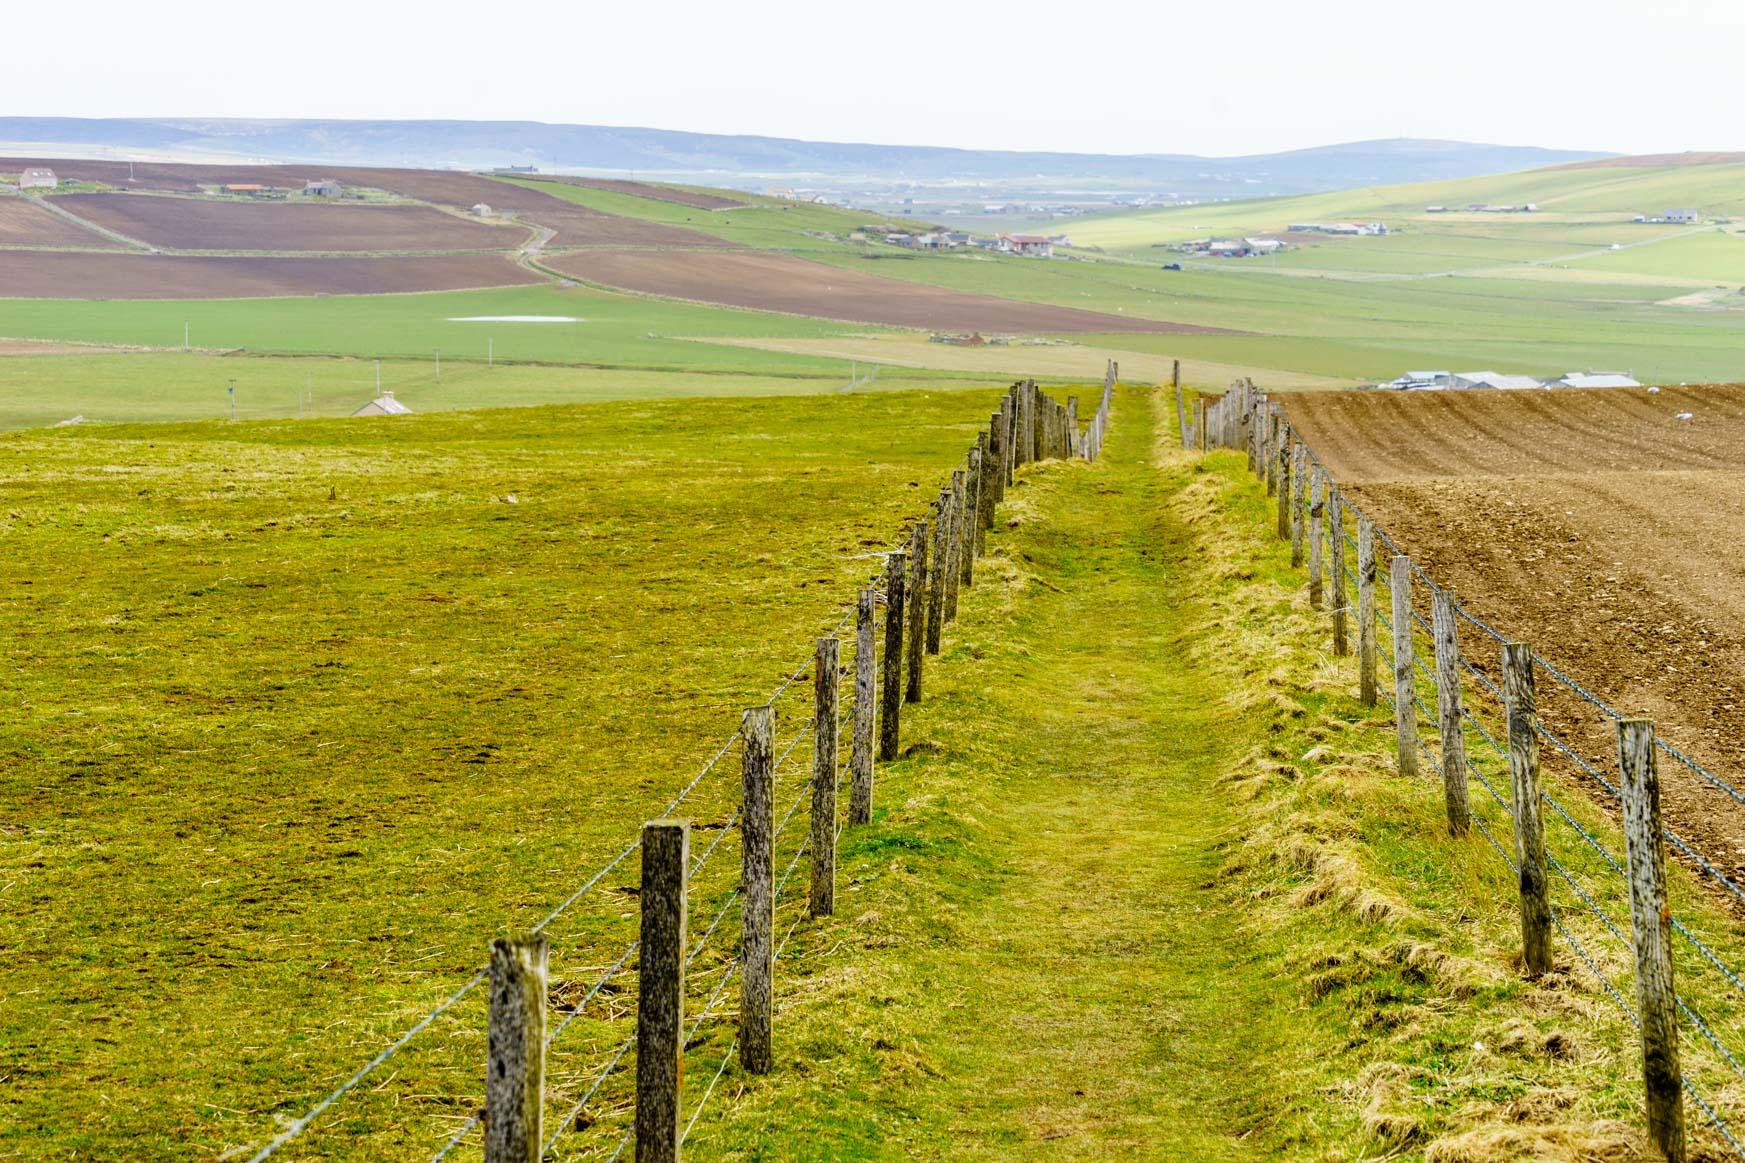 Rückweg durch die Felder